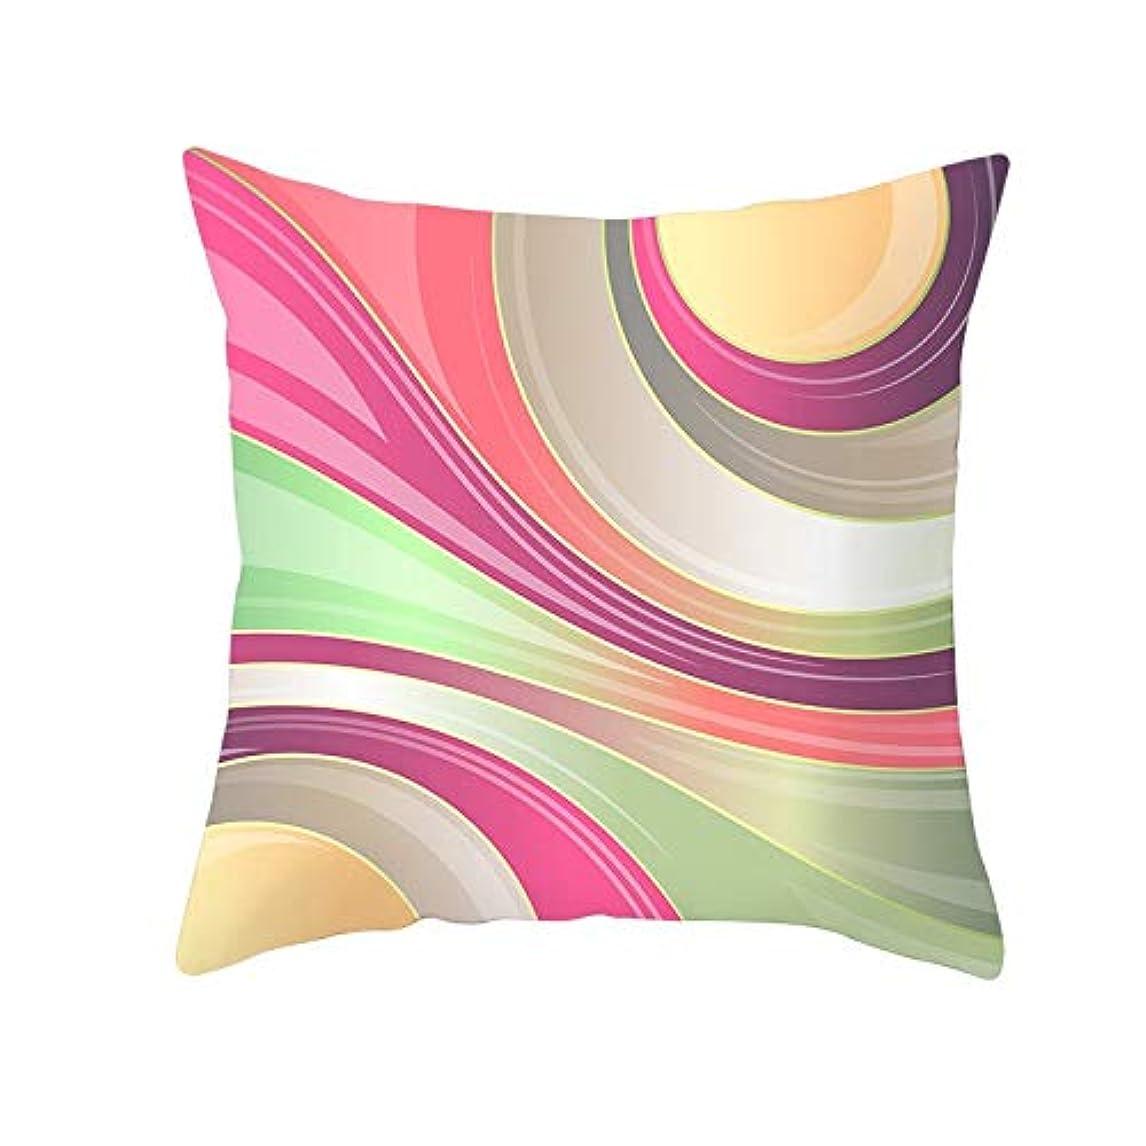 素人ディレクター印をつけるLIFE 装飾クッションソファ 幾何学プリントポリエステル正方形の枕ソファスロークッション家の装飾 coussin デ長椅子 クッション 椅子